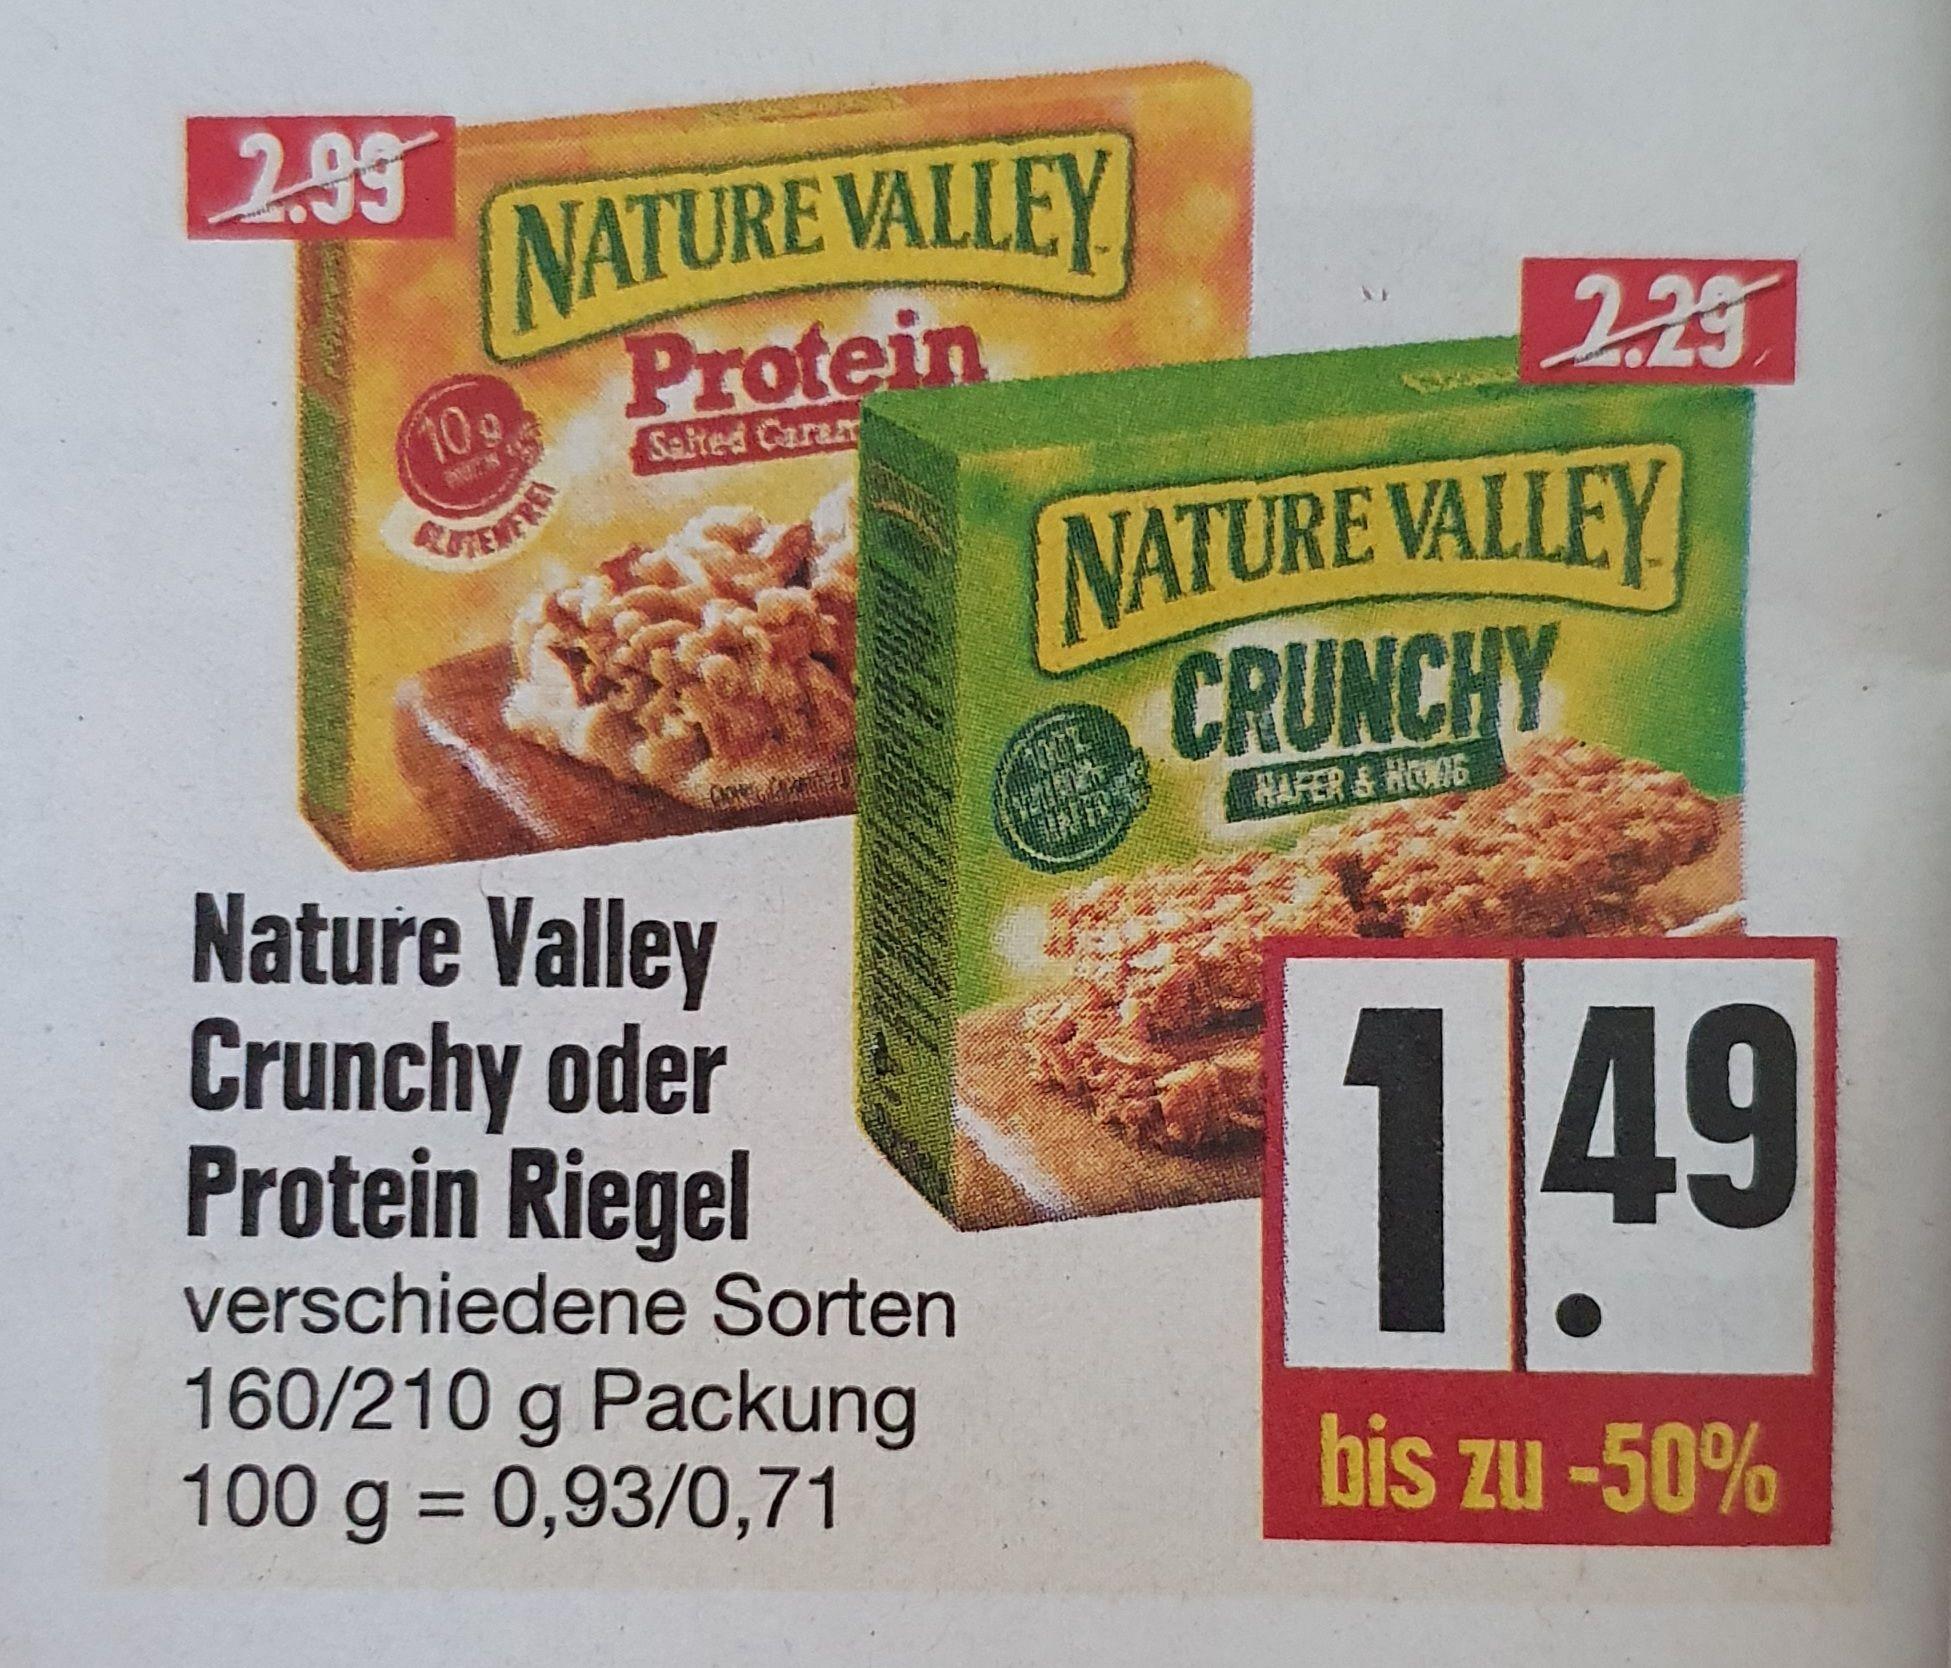 [LOKAL - Edeka Sachsen/Thüringen/Nordbayern] Nature Valley Protein Riegel